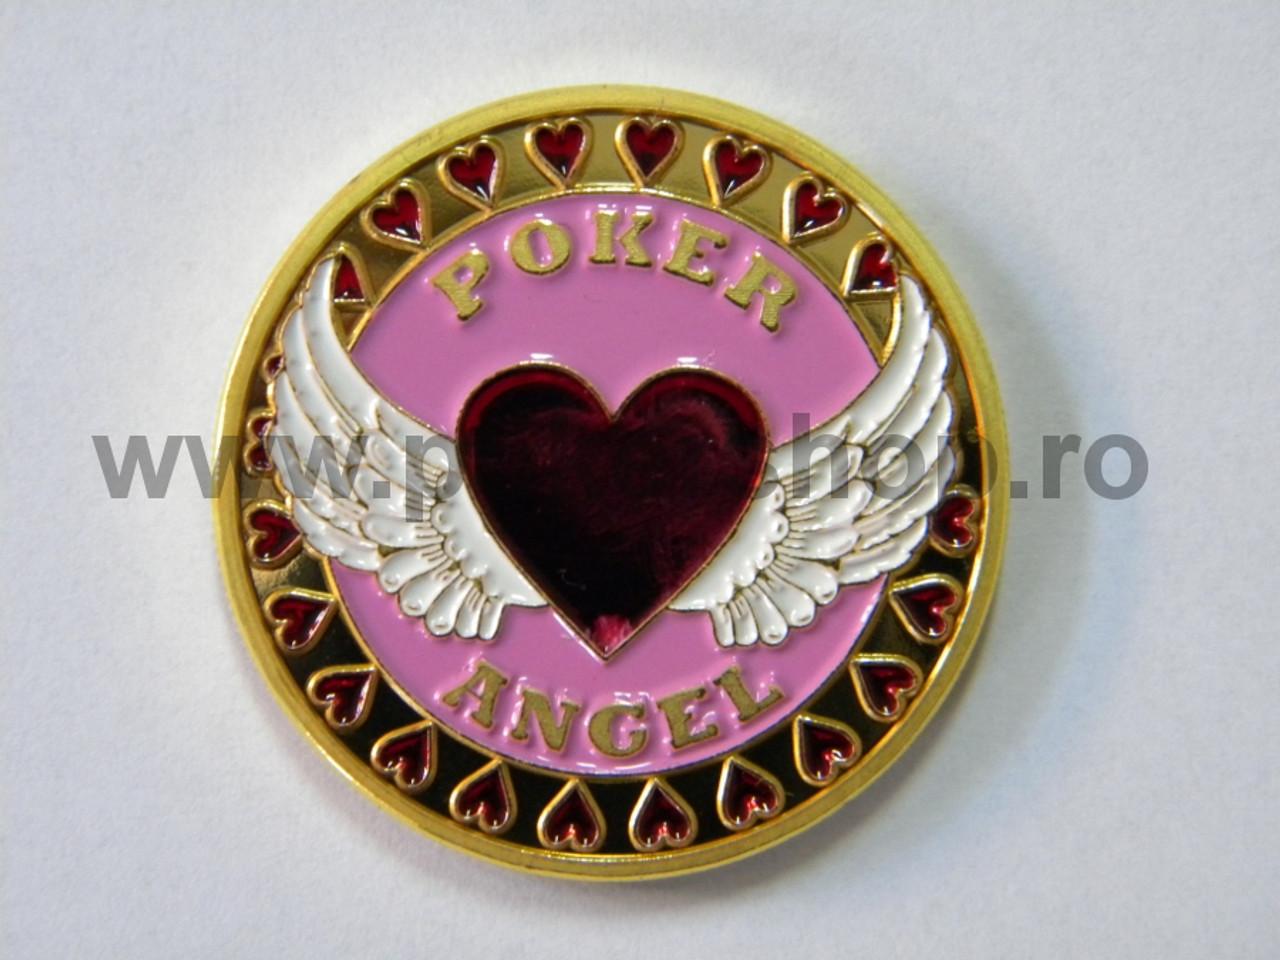 Poker Card Guard - Poker Angel